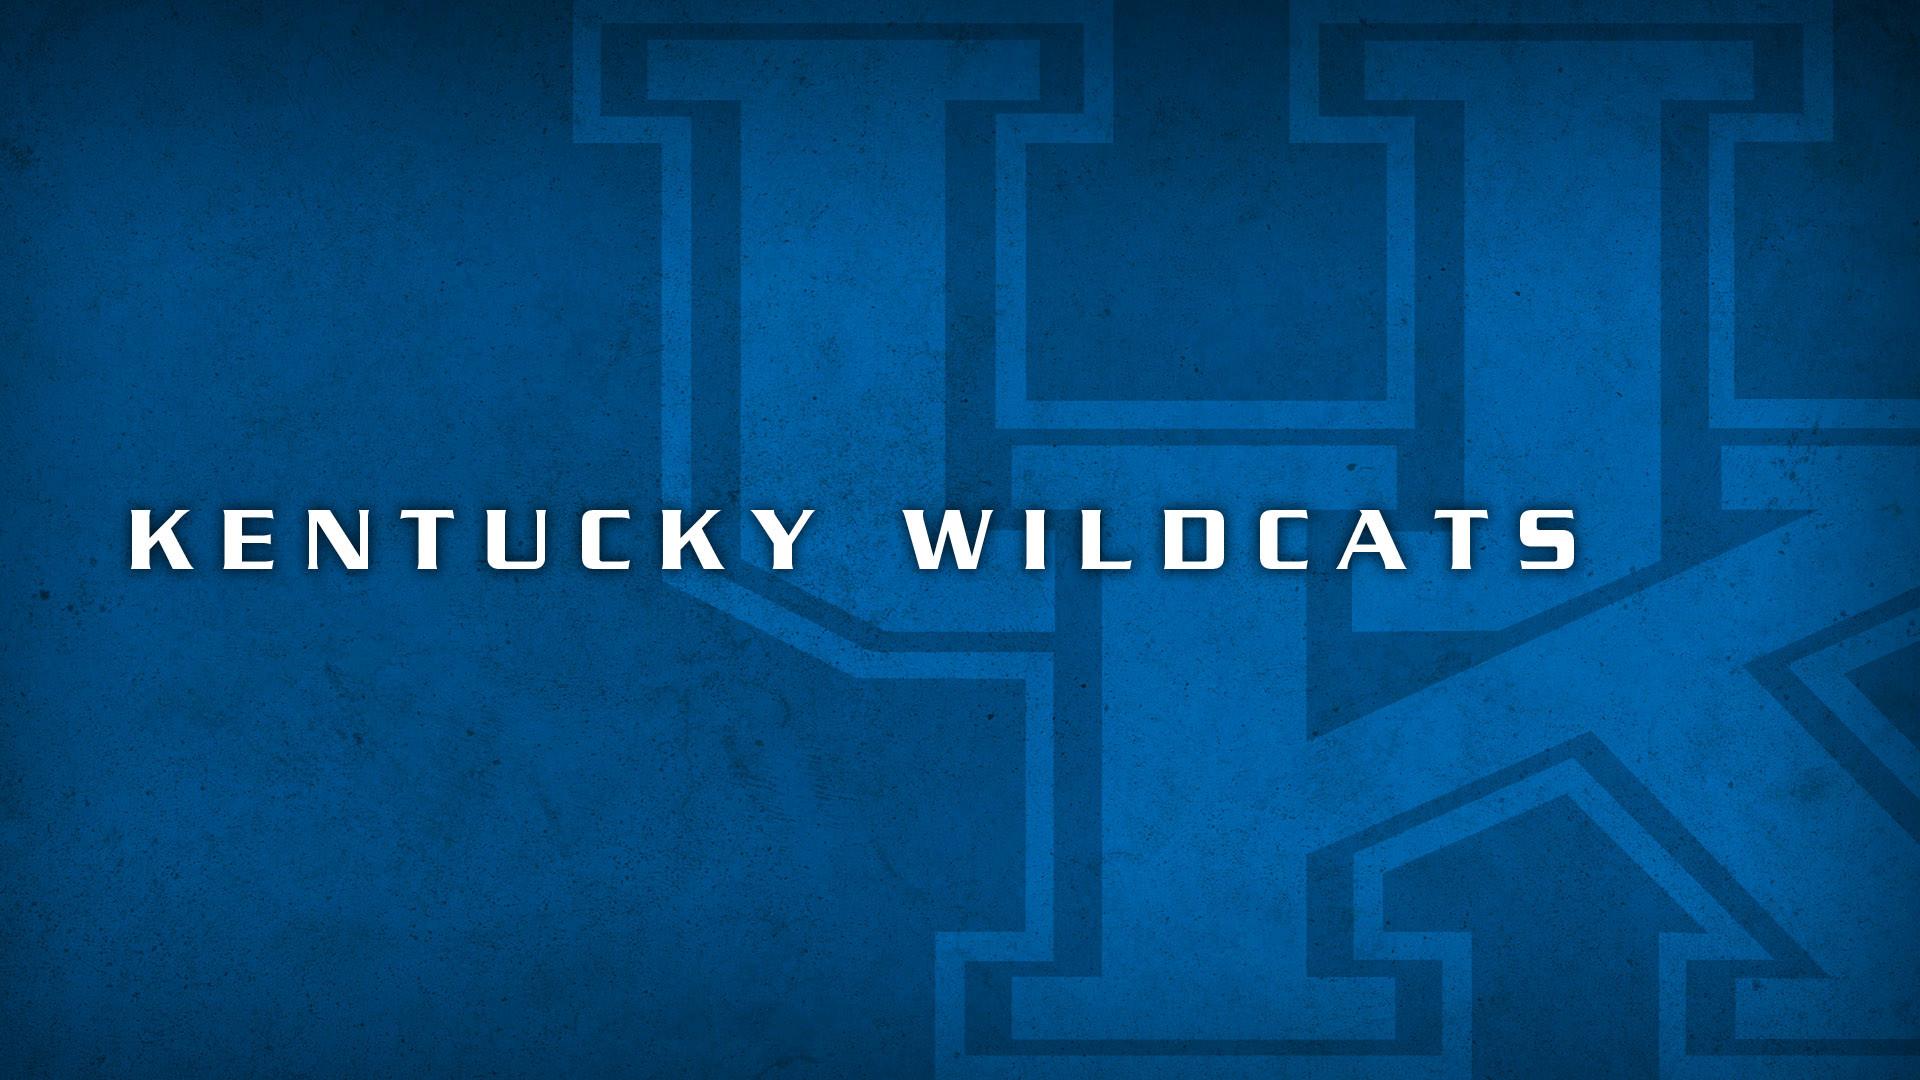 Kentucky Wildcats Wallpapers (49 Wallpapers)